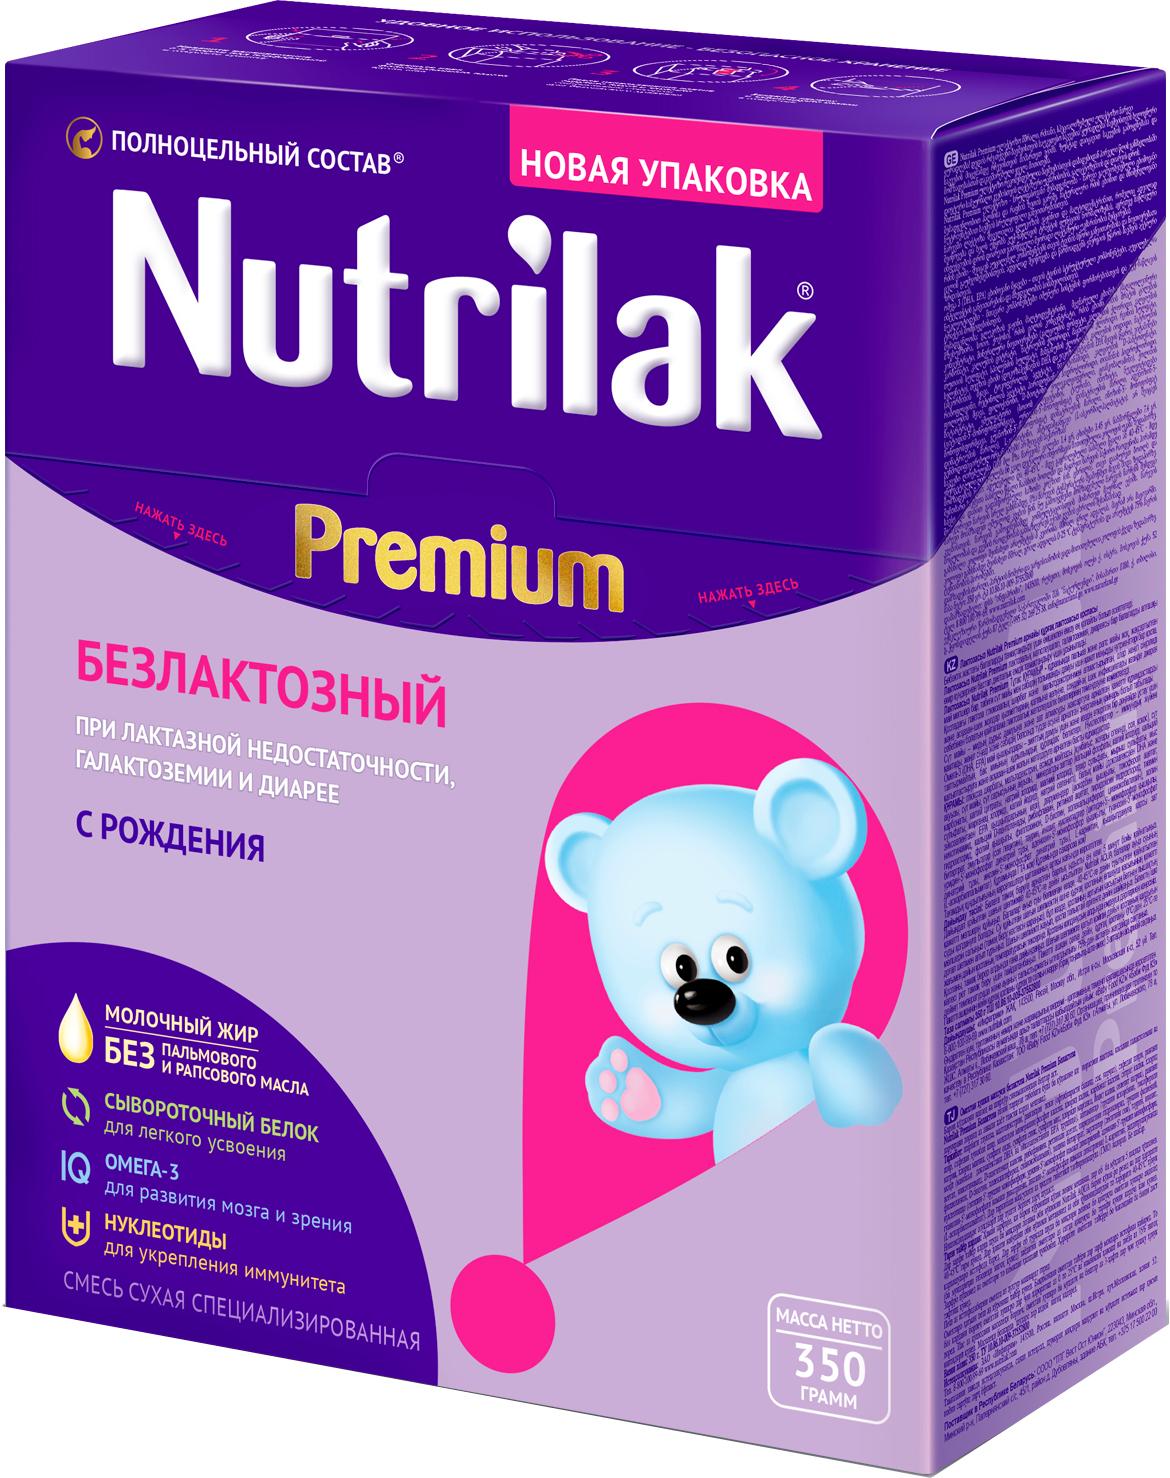 Молочные смеси Nutrilak Nutrilak (InfaPrim) Premium безлактозный (с рождения) 350 г чай nutrilak лактамил смесь для кормящих матерей 360 г